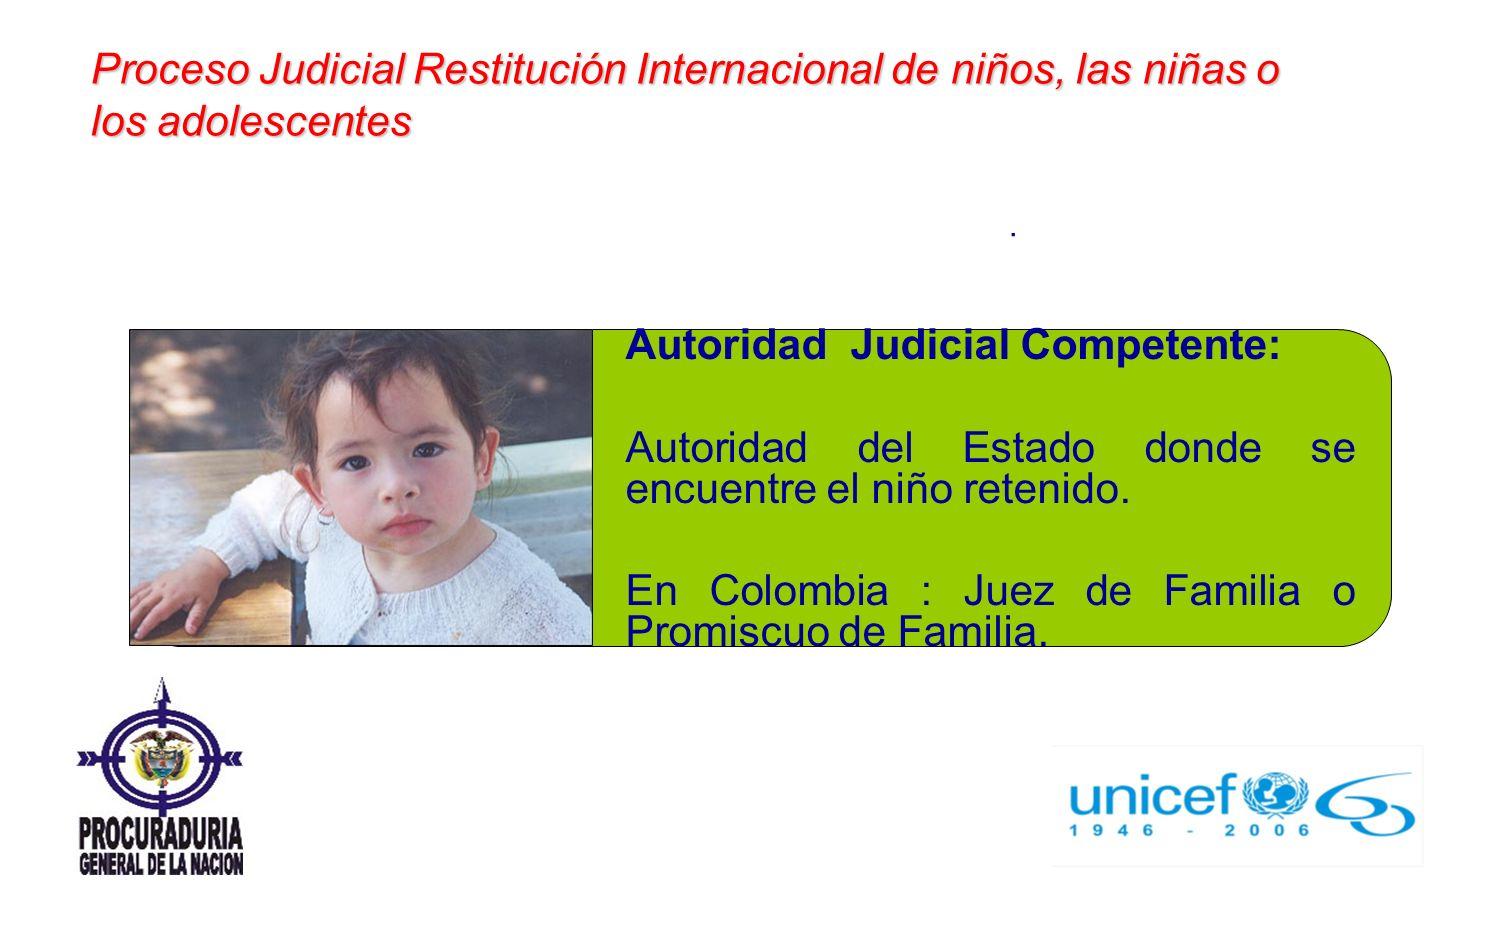 Autoridad Judicial Competente: Autoridad del Estado donde se encuentre el niño retenido. En Colombia : Juez de Familia o Promiscuo de Familia. Proceso